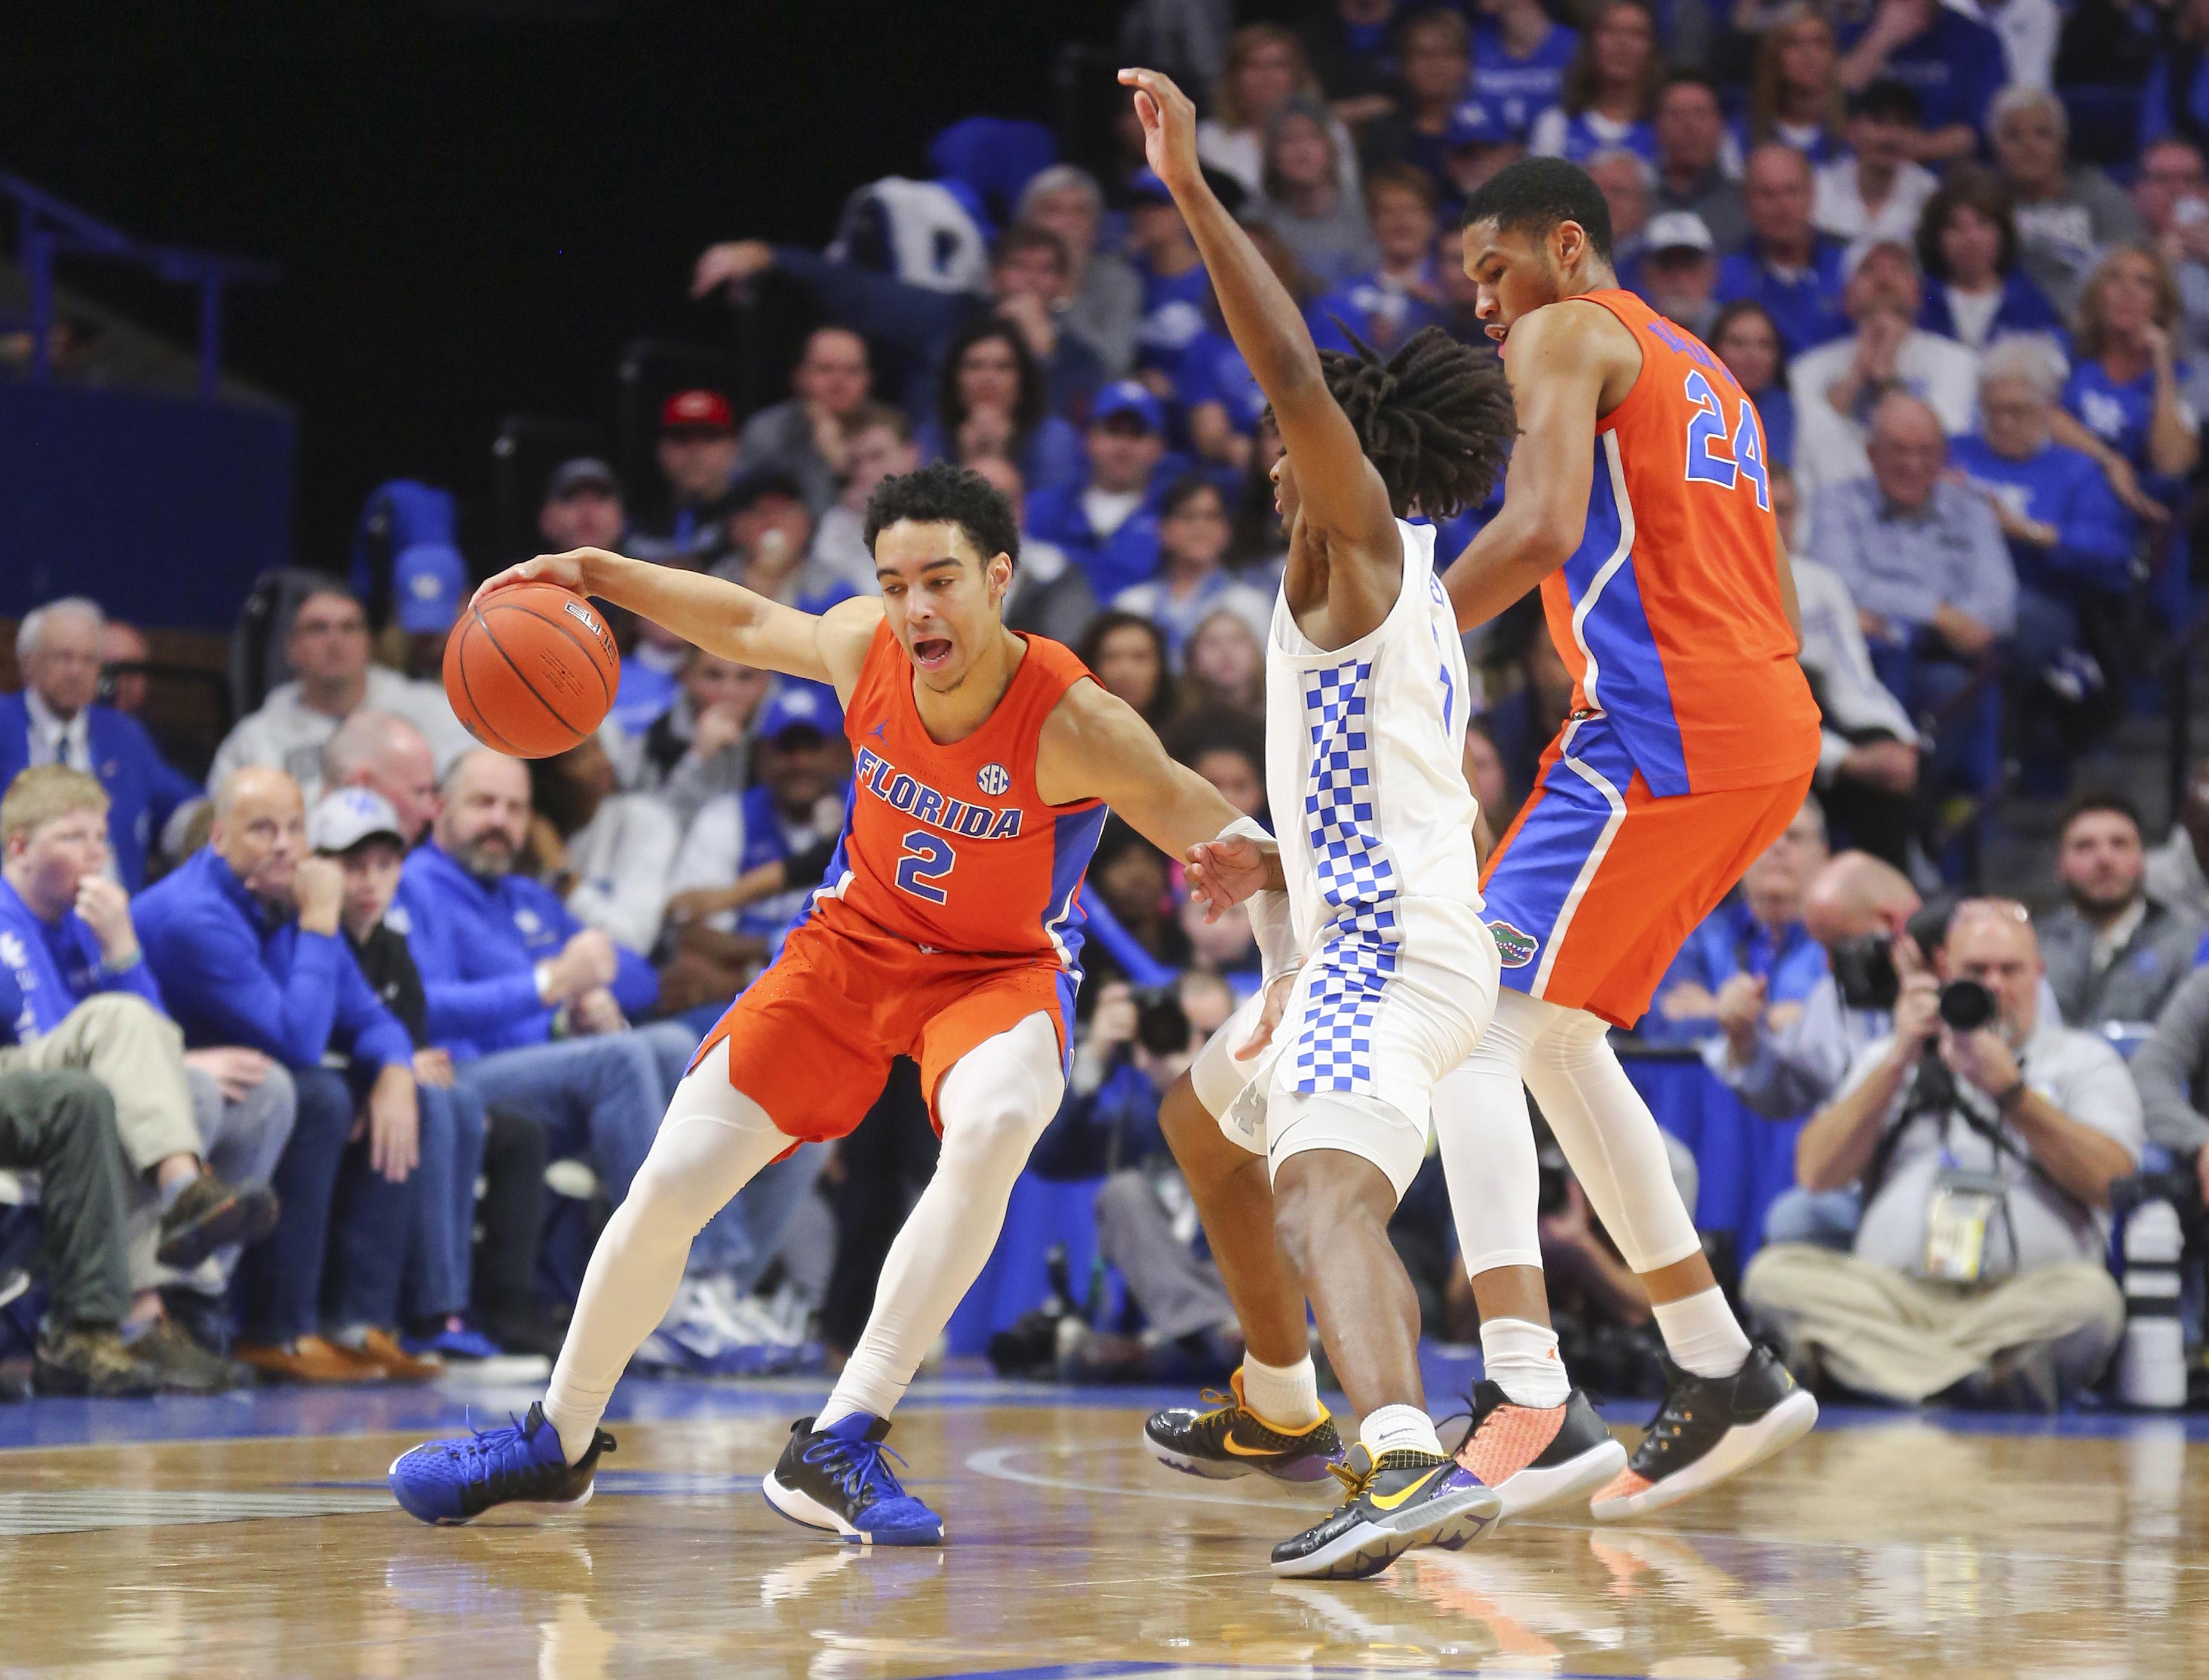 NCAA Basketball: Florida at Kentucky